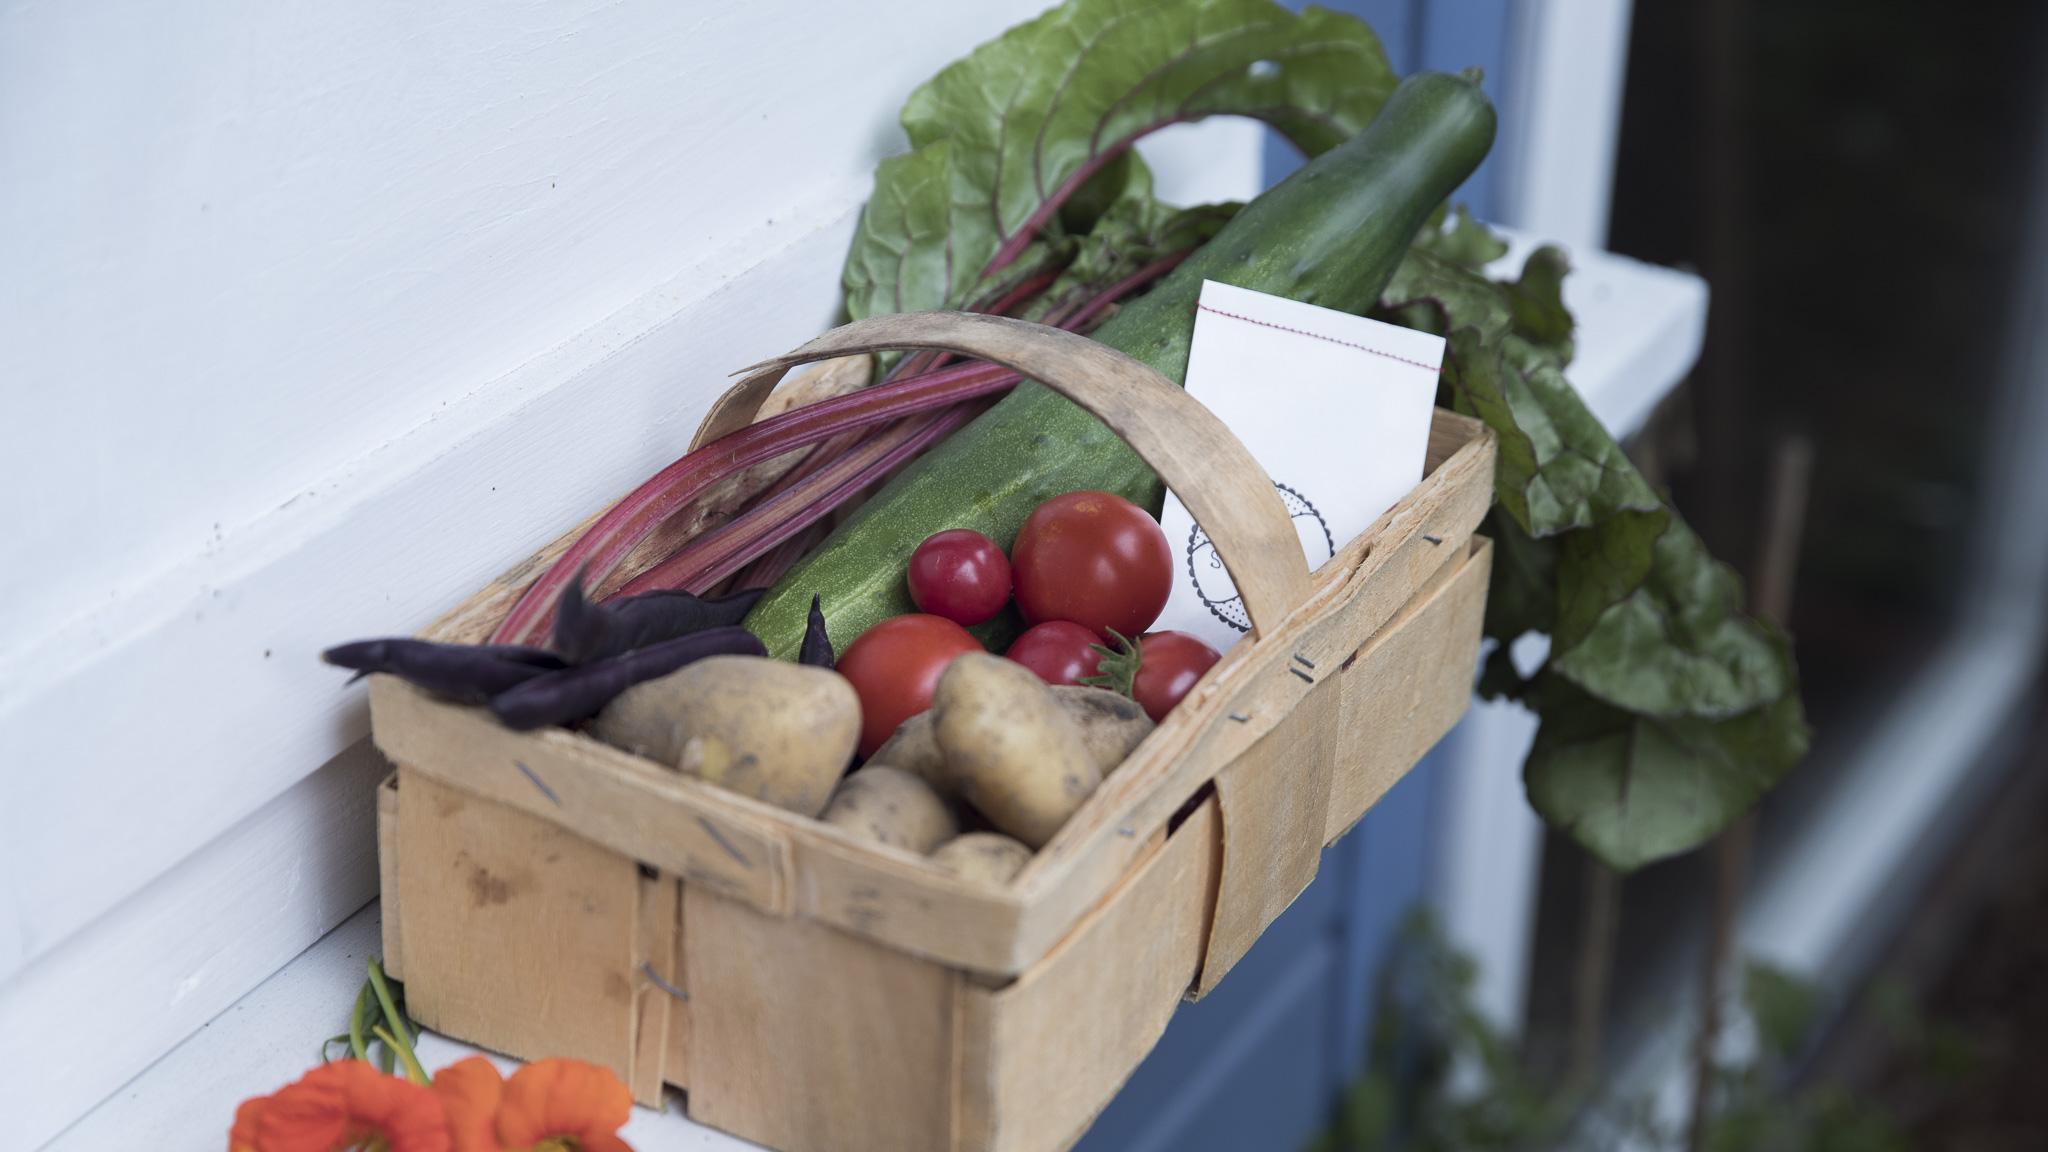 5 typische Anfängerfehler im Gemüsegarten und wie man sie vermeidet